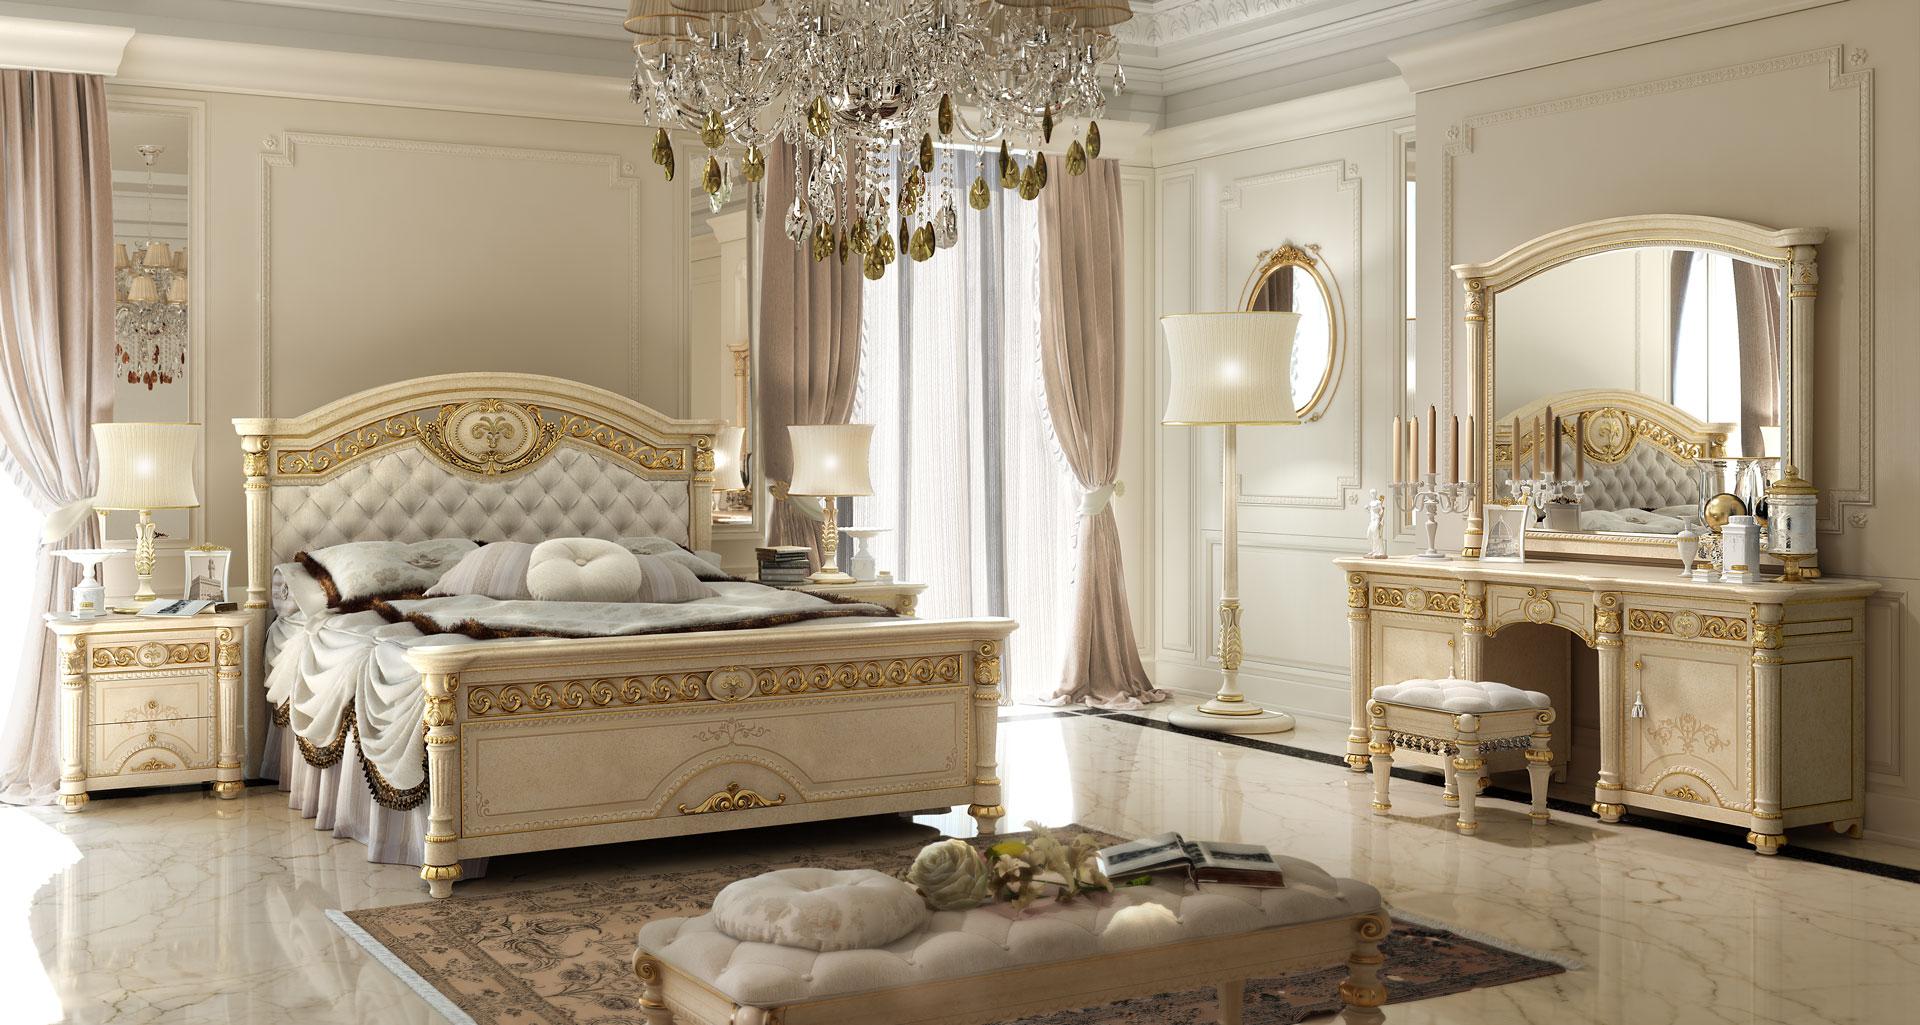 Camere da letto classiche - Camere da letto bellissime ...